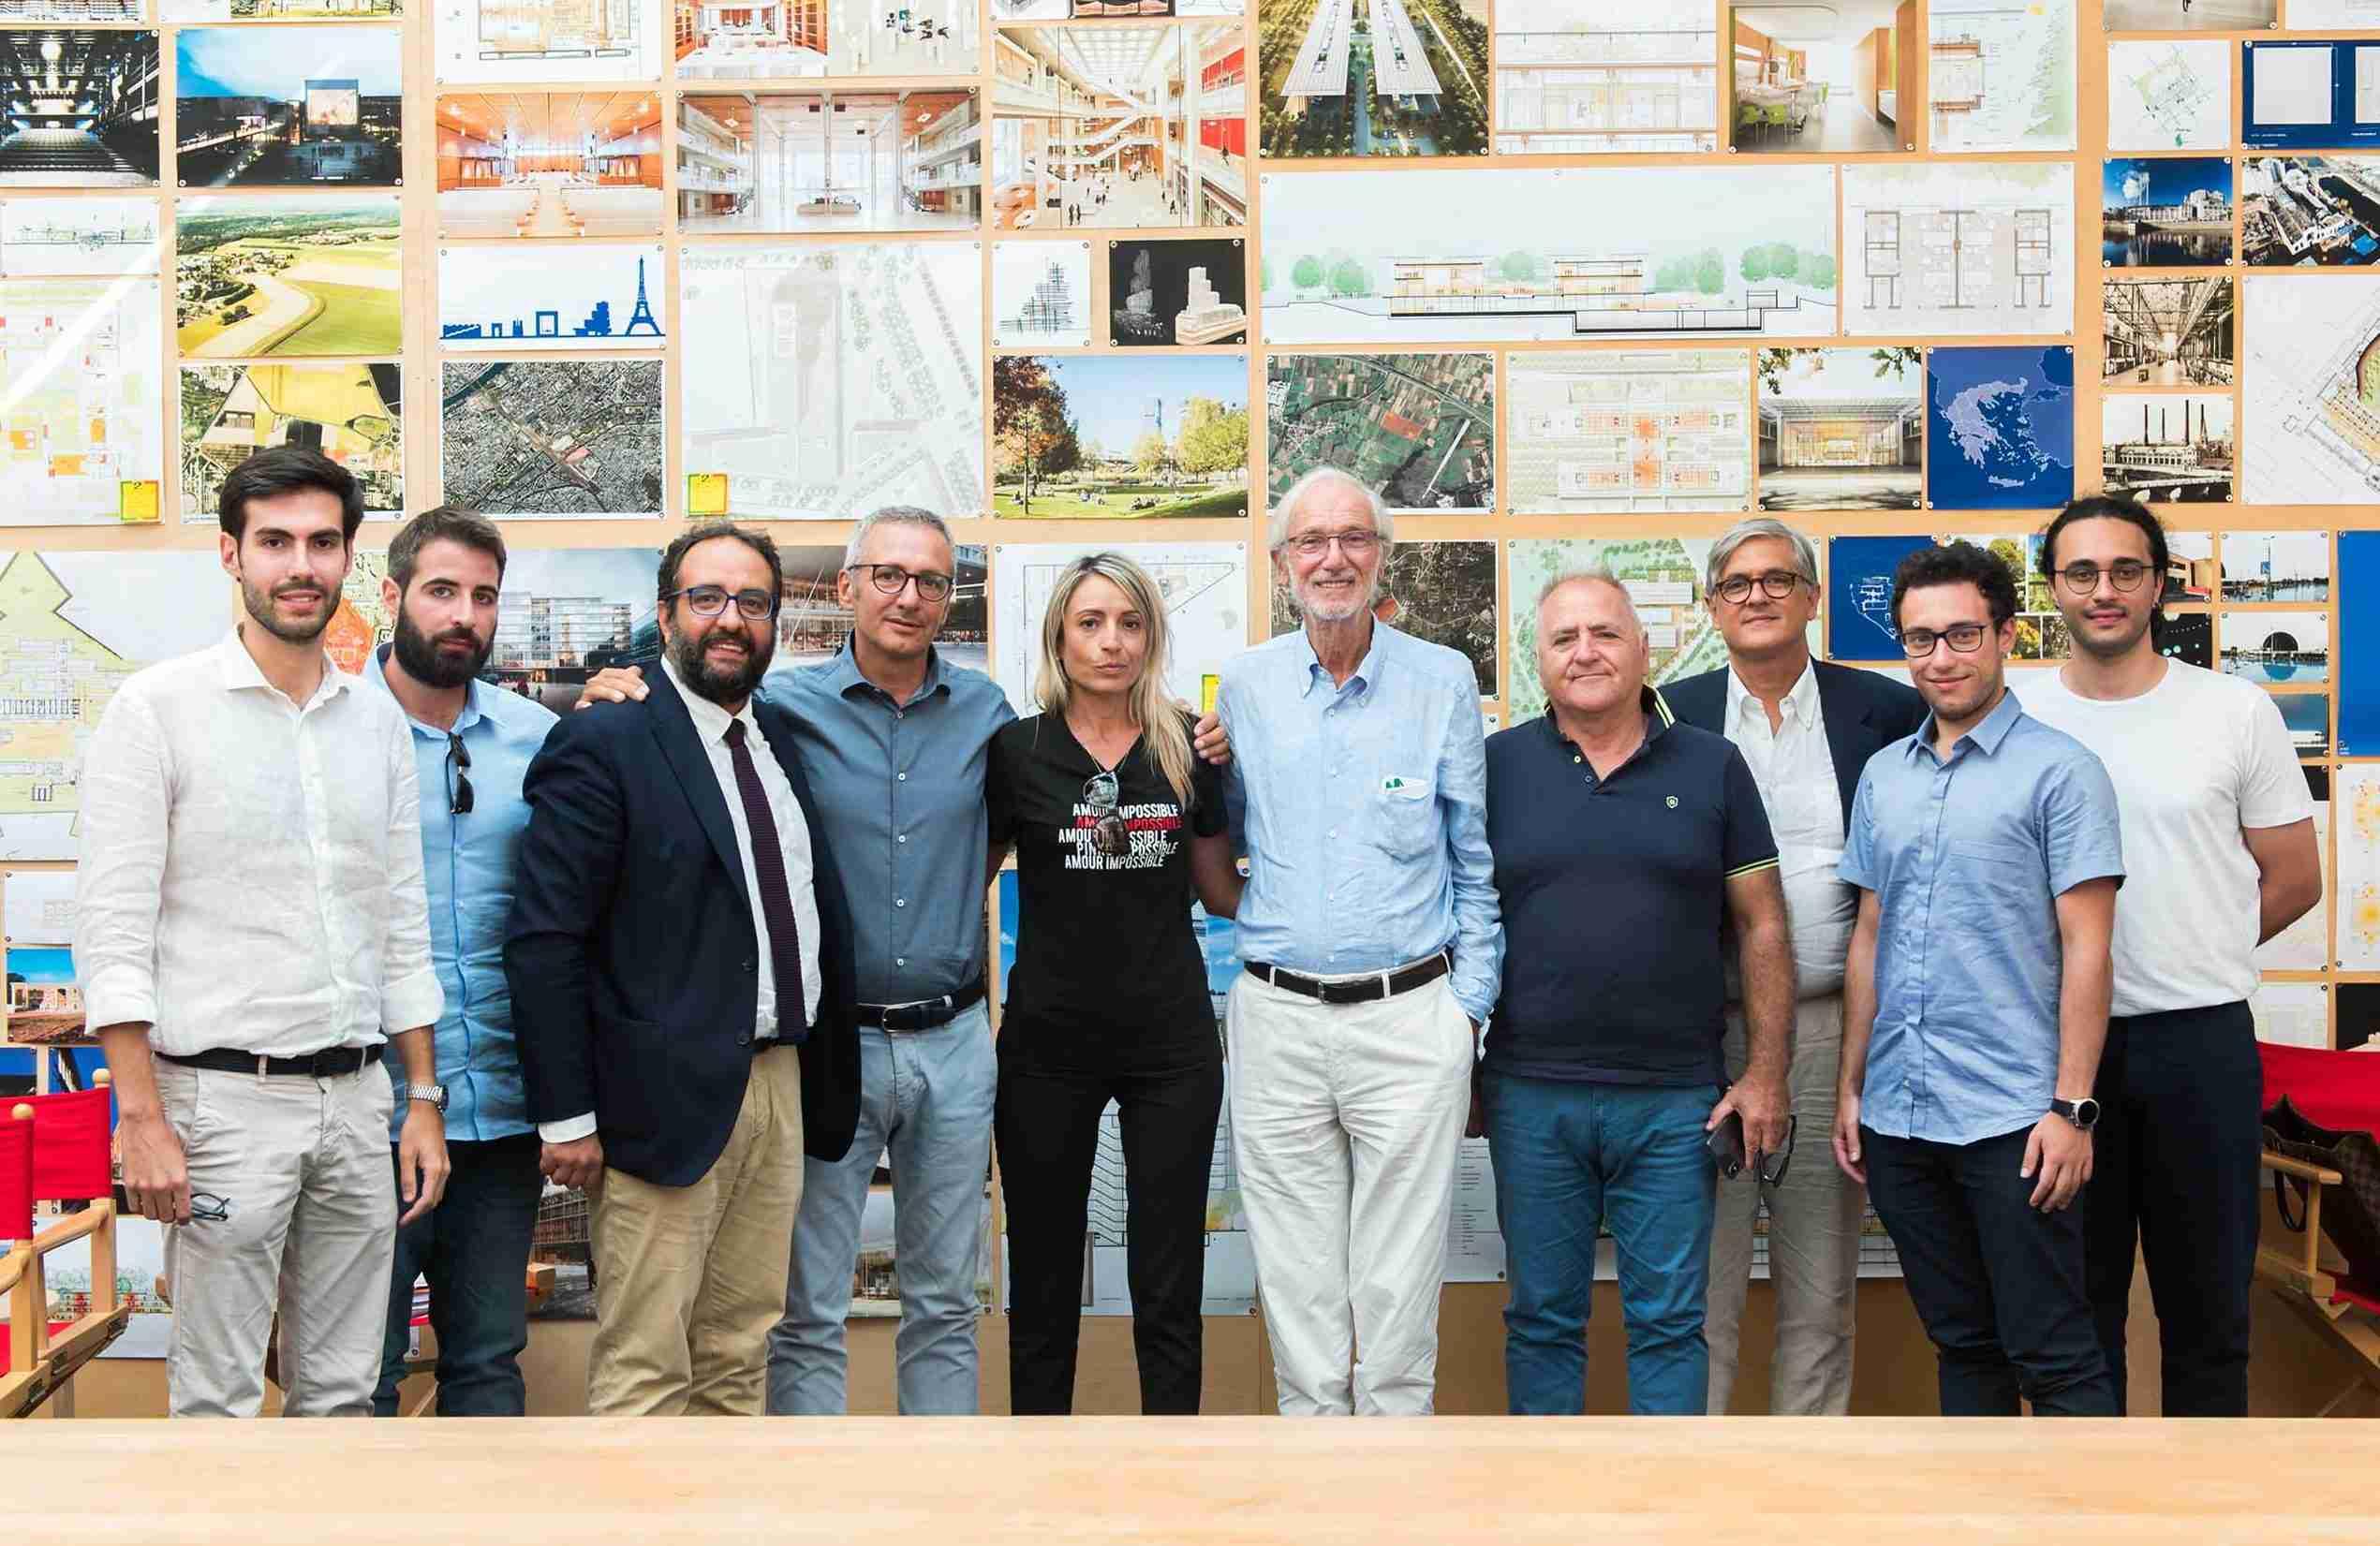 Architetto Catania Lavoro g124, renzo piano torna in sicilia - focusicilia